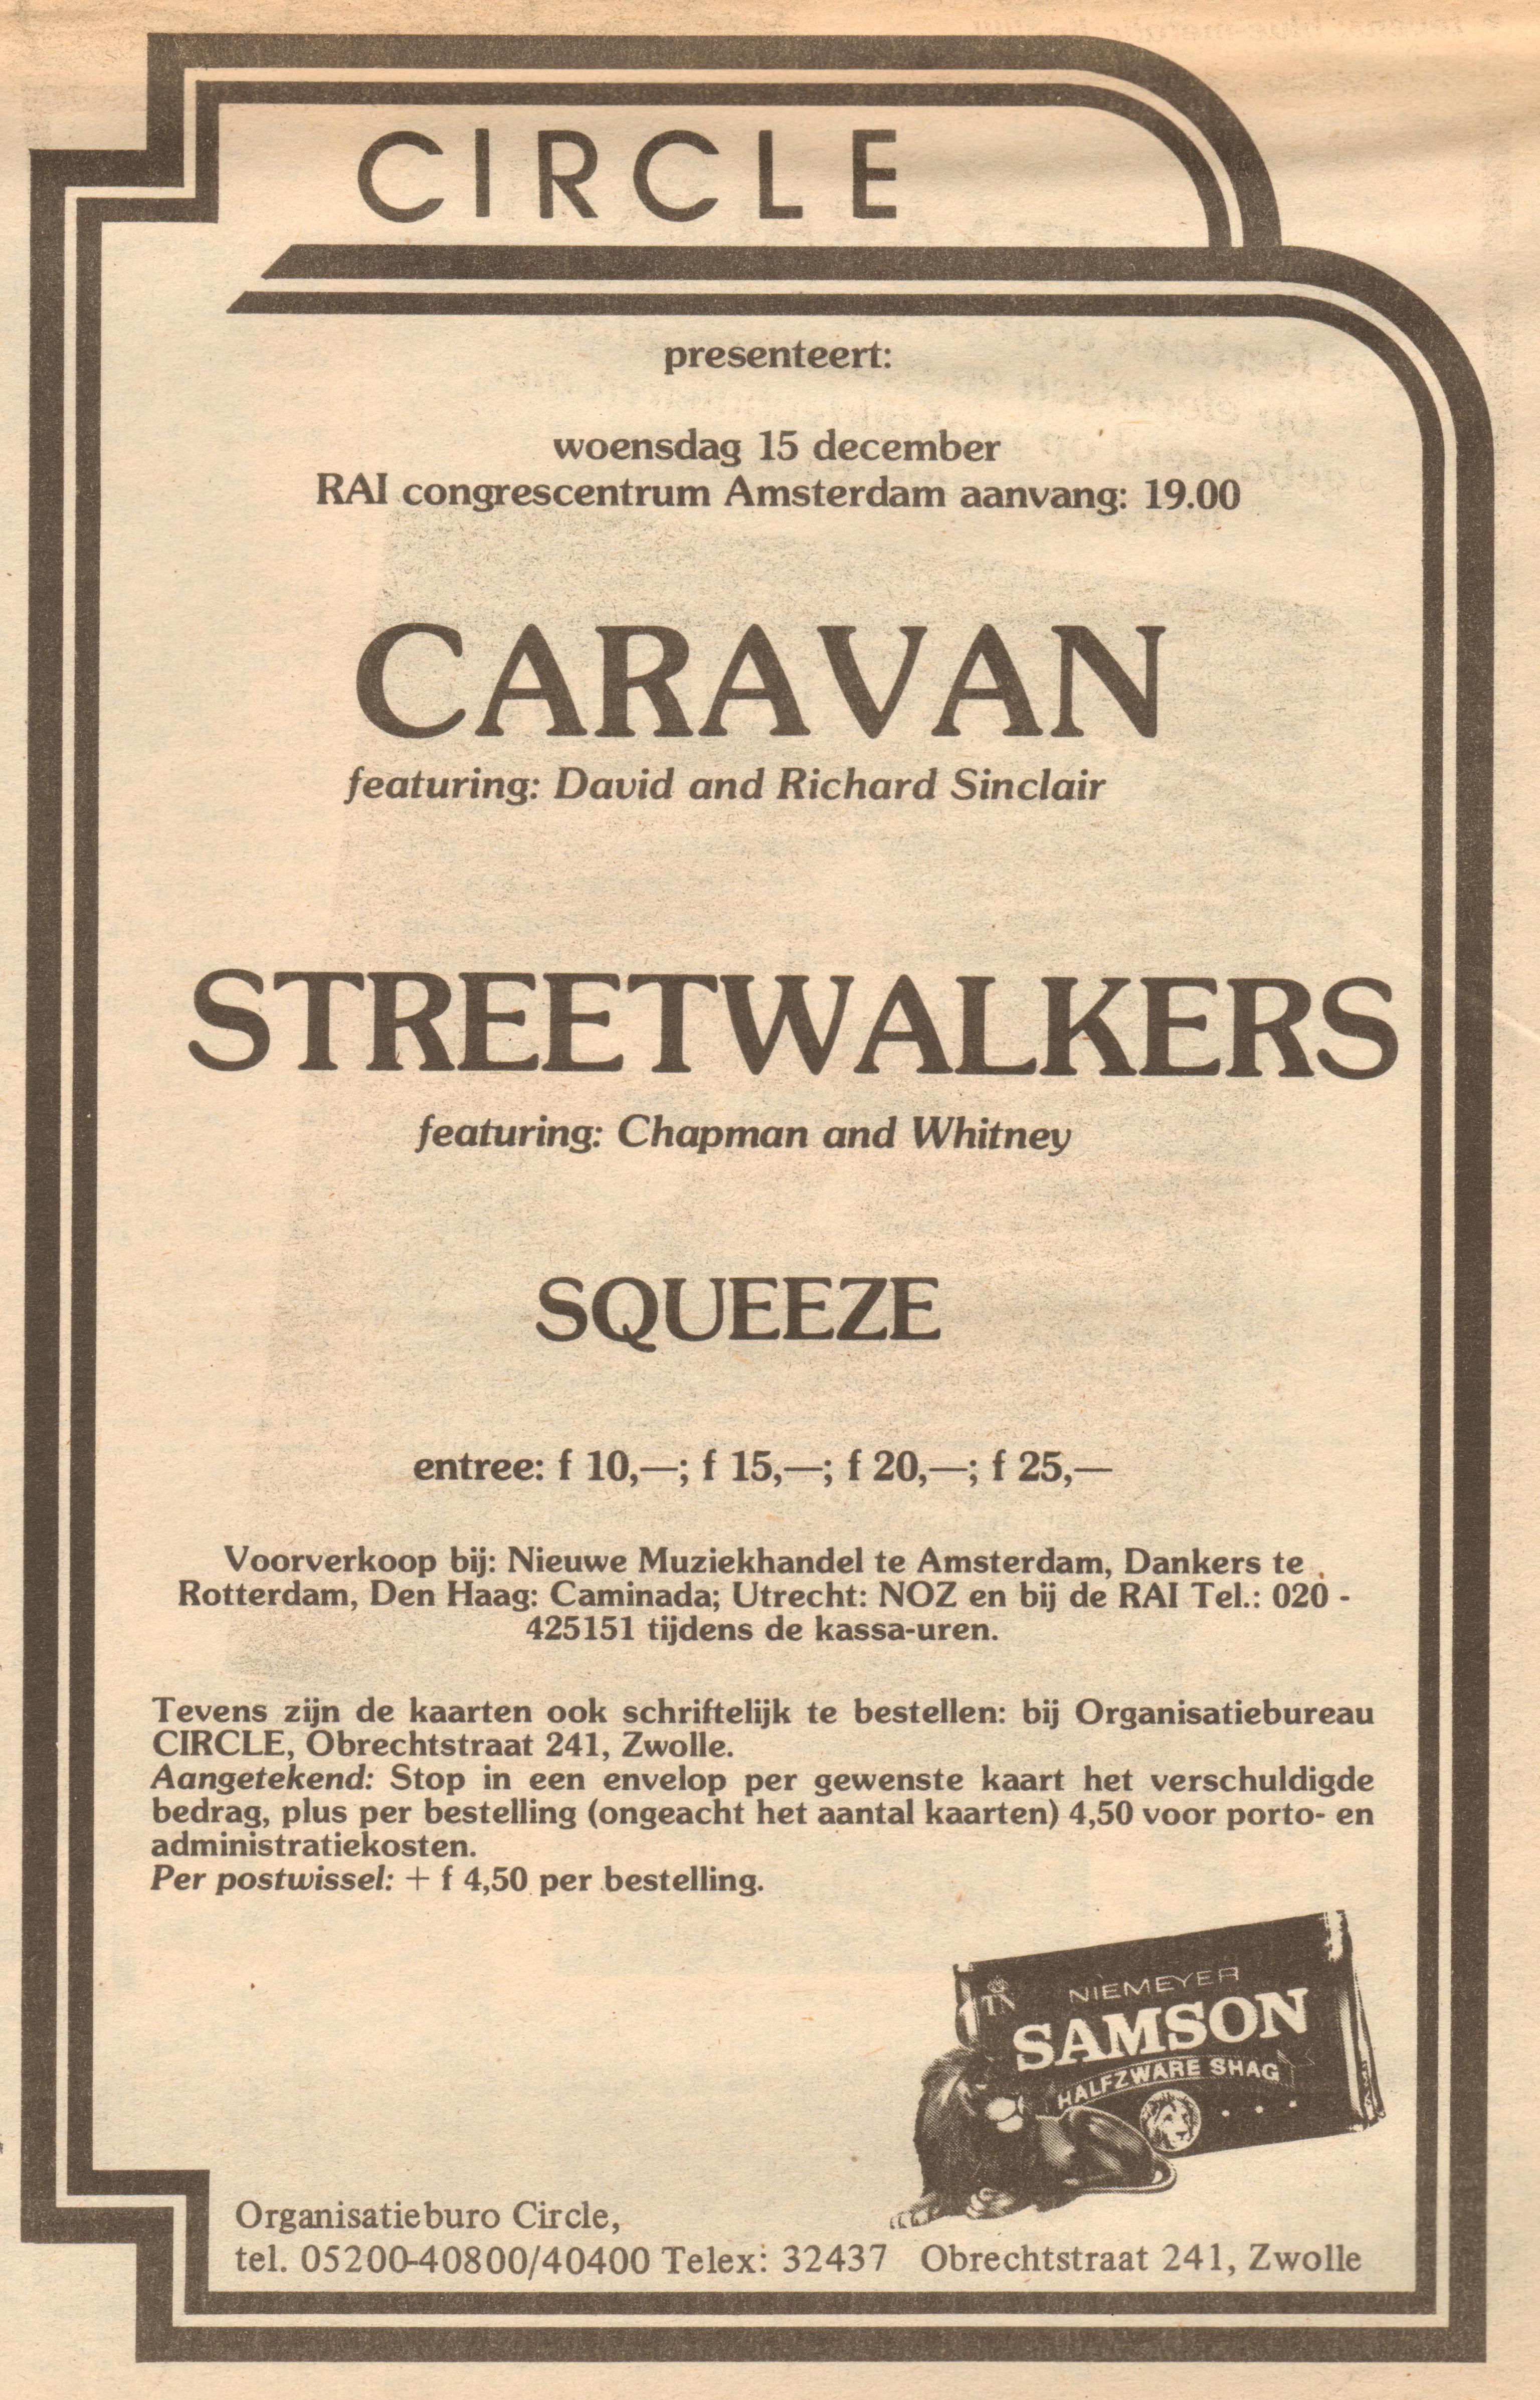 Squeeze Amsterdam 15 December 1976 Prmom AD